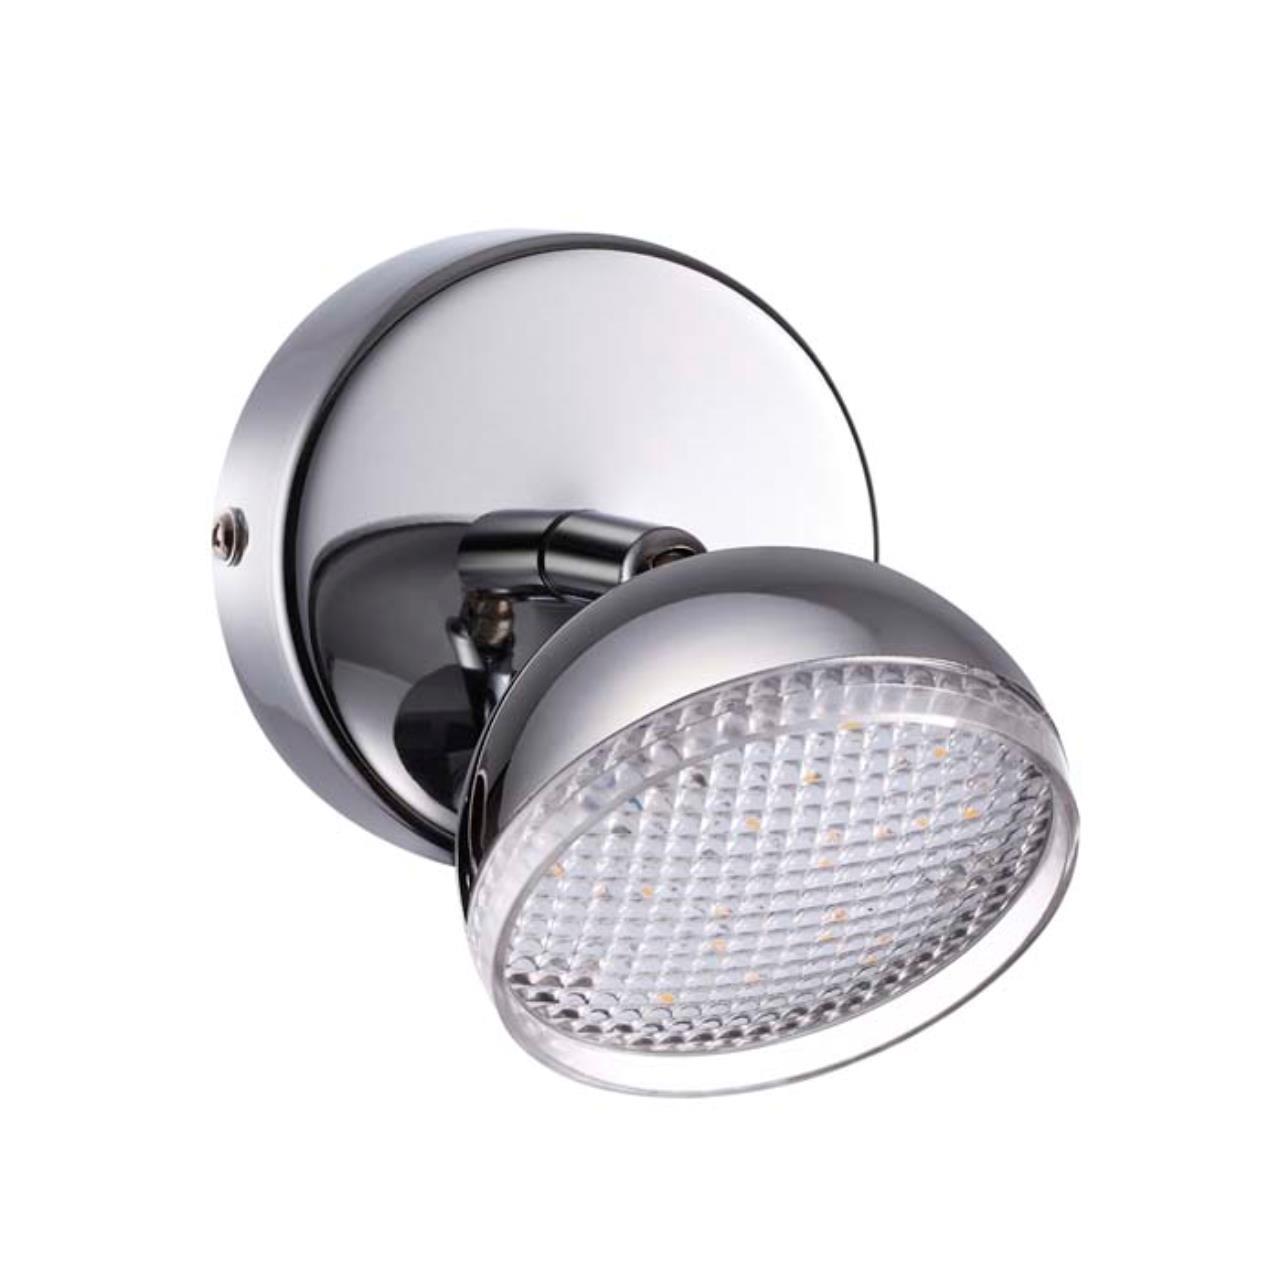 3623/6WL LEDIO LN18 13 хром Подсветка LED 6W 4000K 480Лм 220V FAROBIANCO